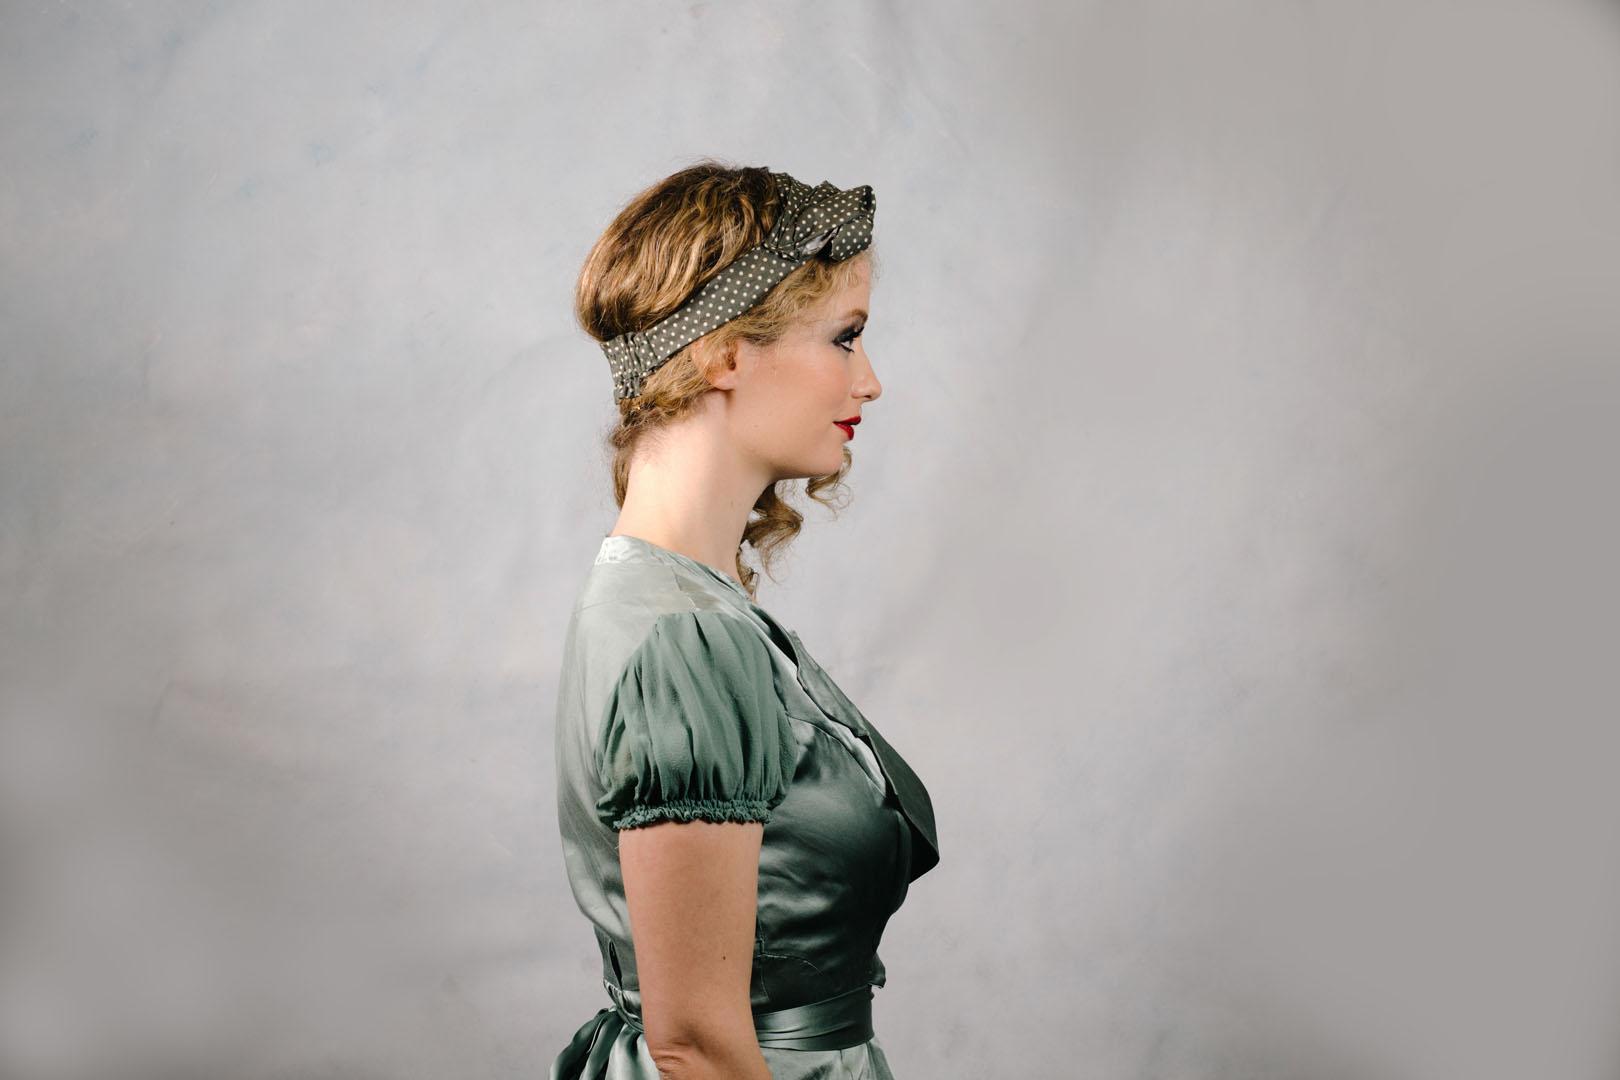 vintage_style_headband_turban_green_polkadot